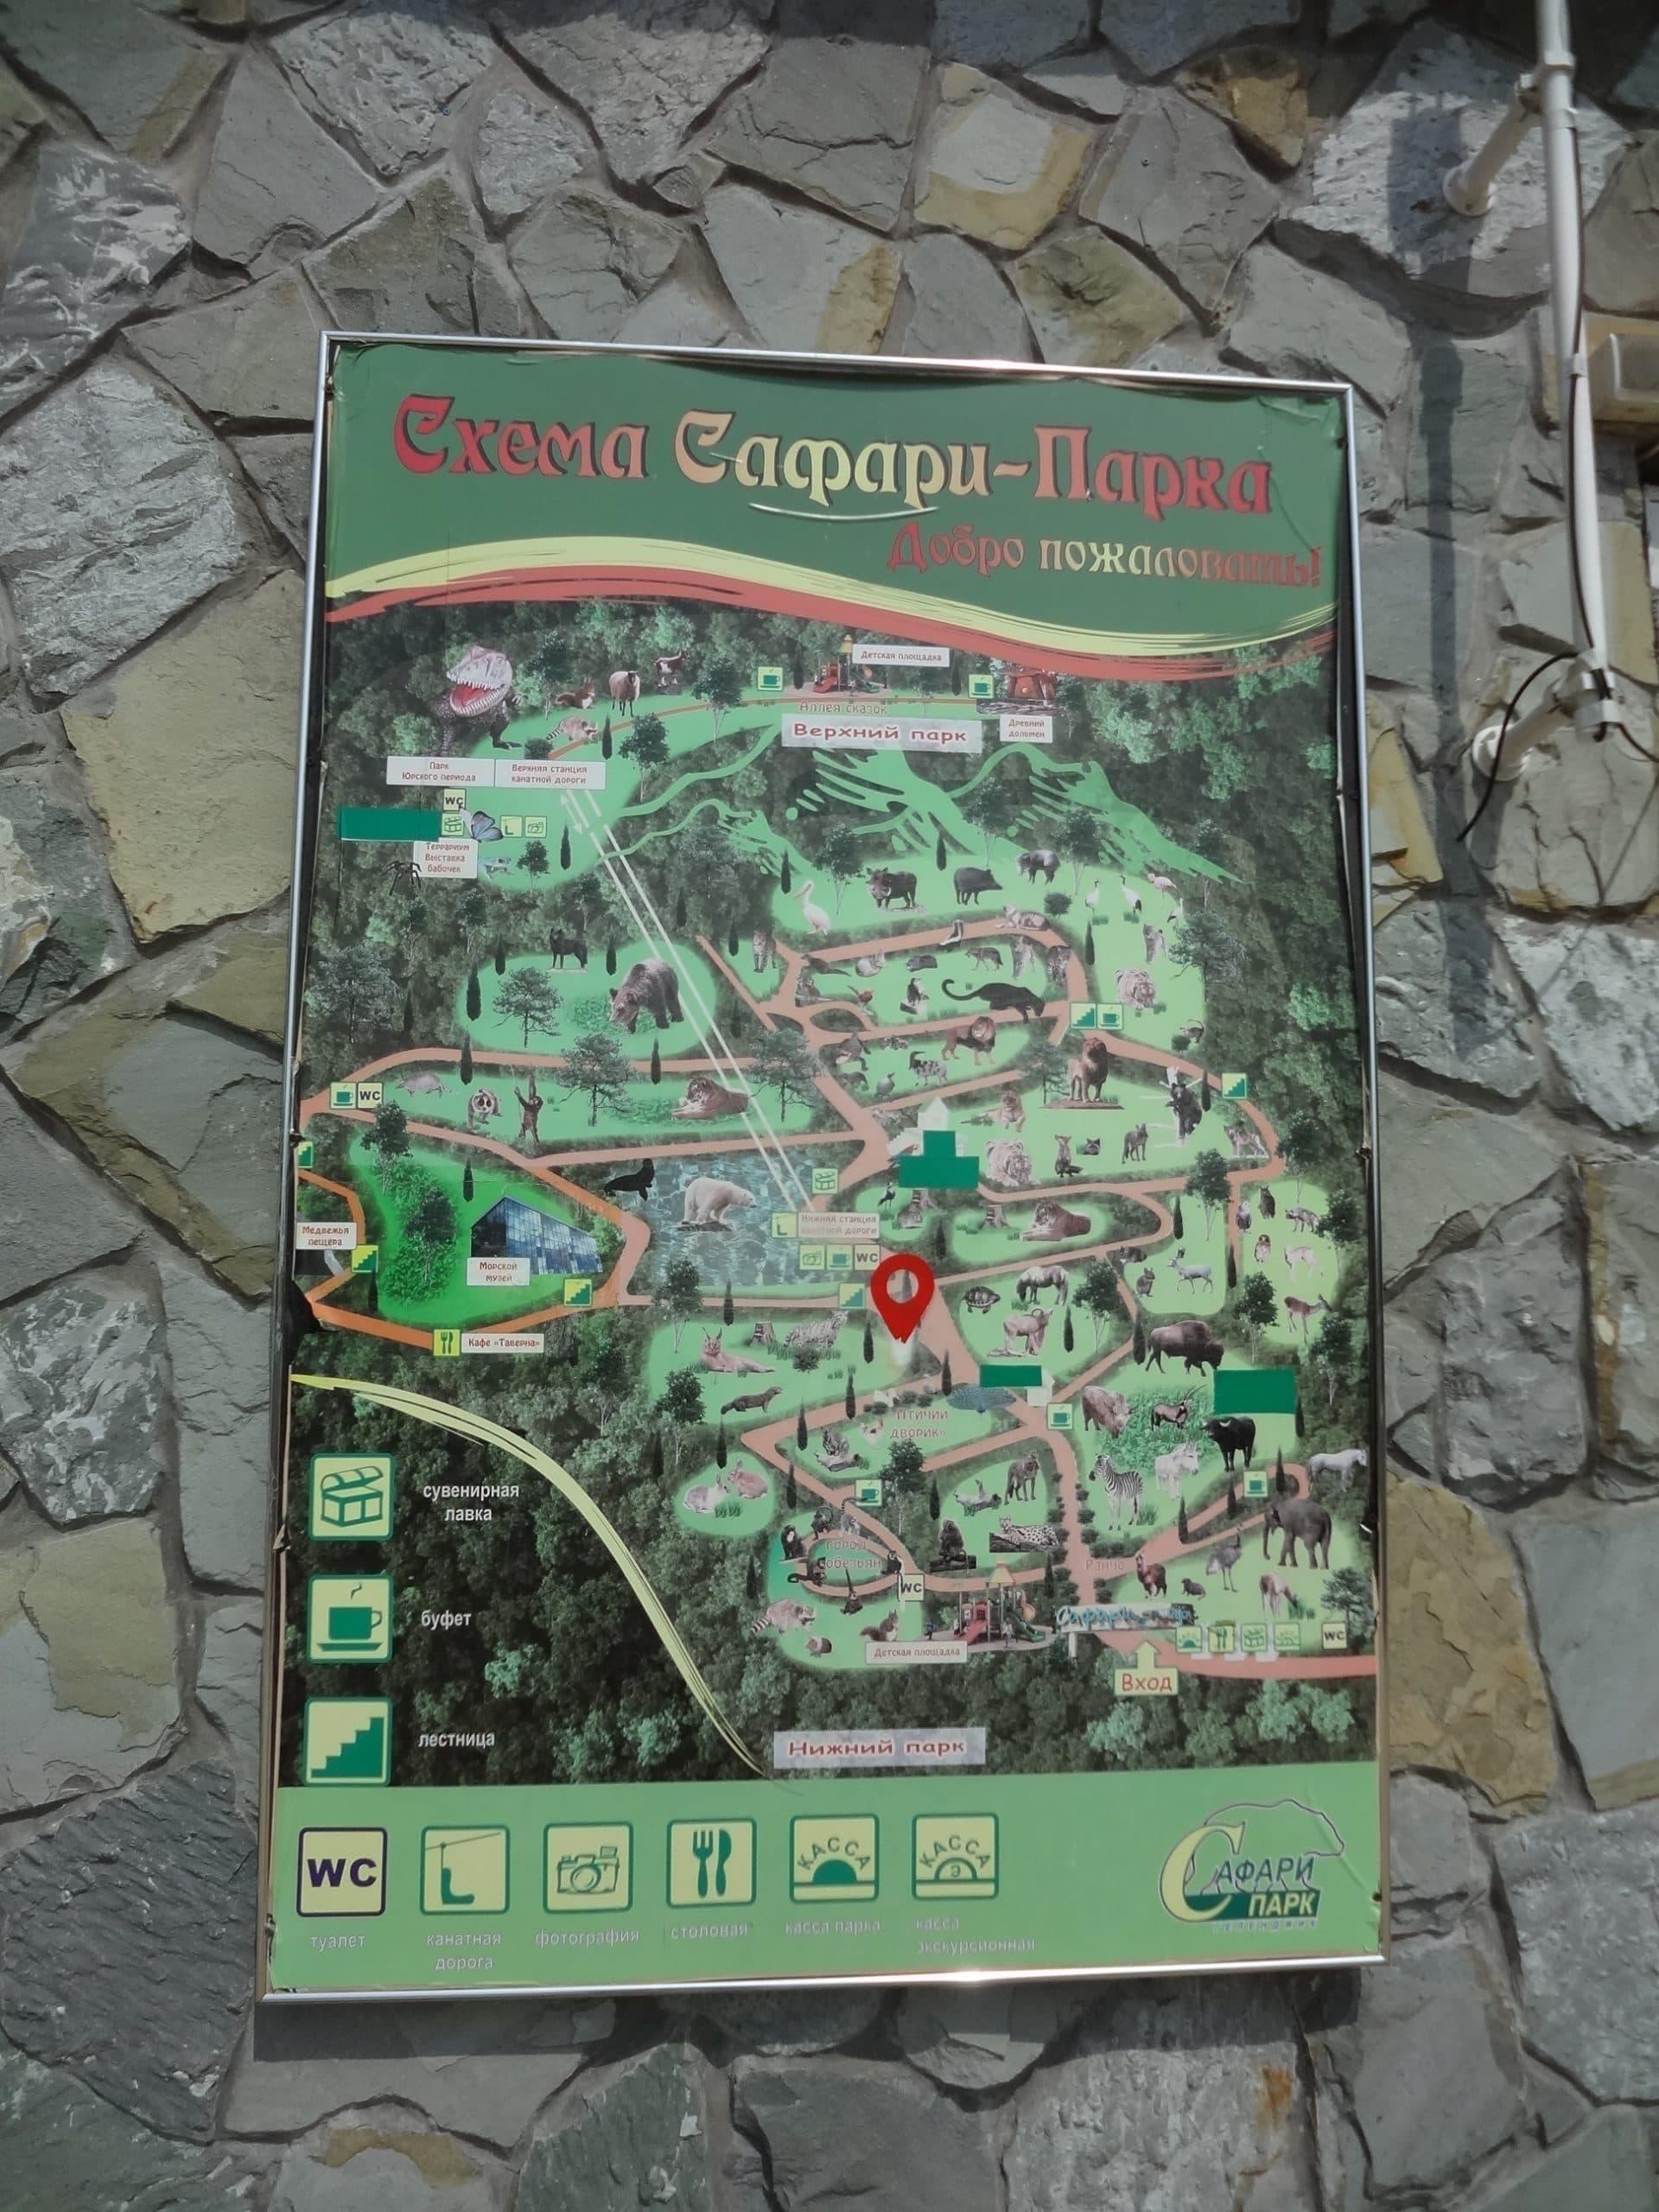 Геленджик Сафари-парк карта